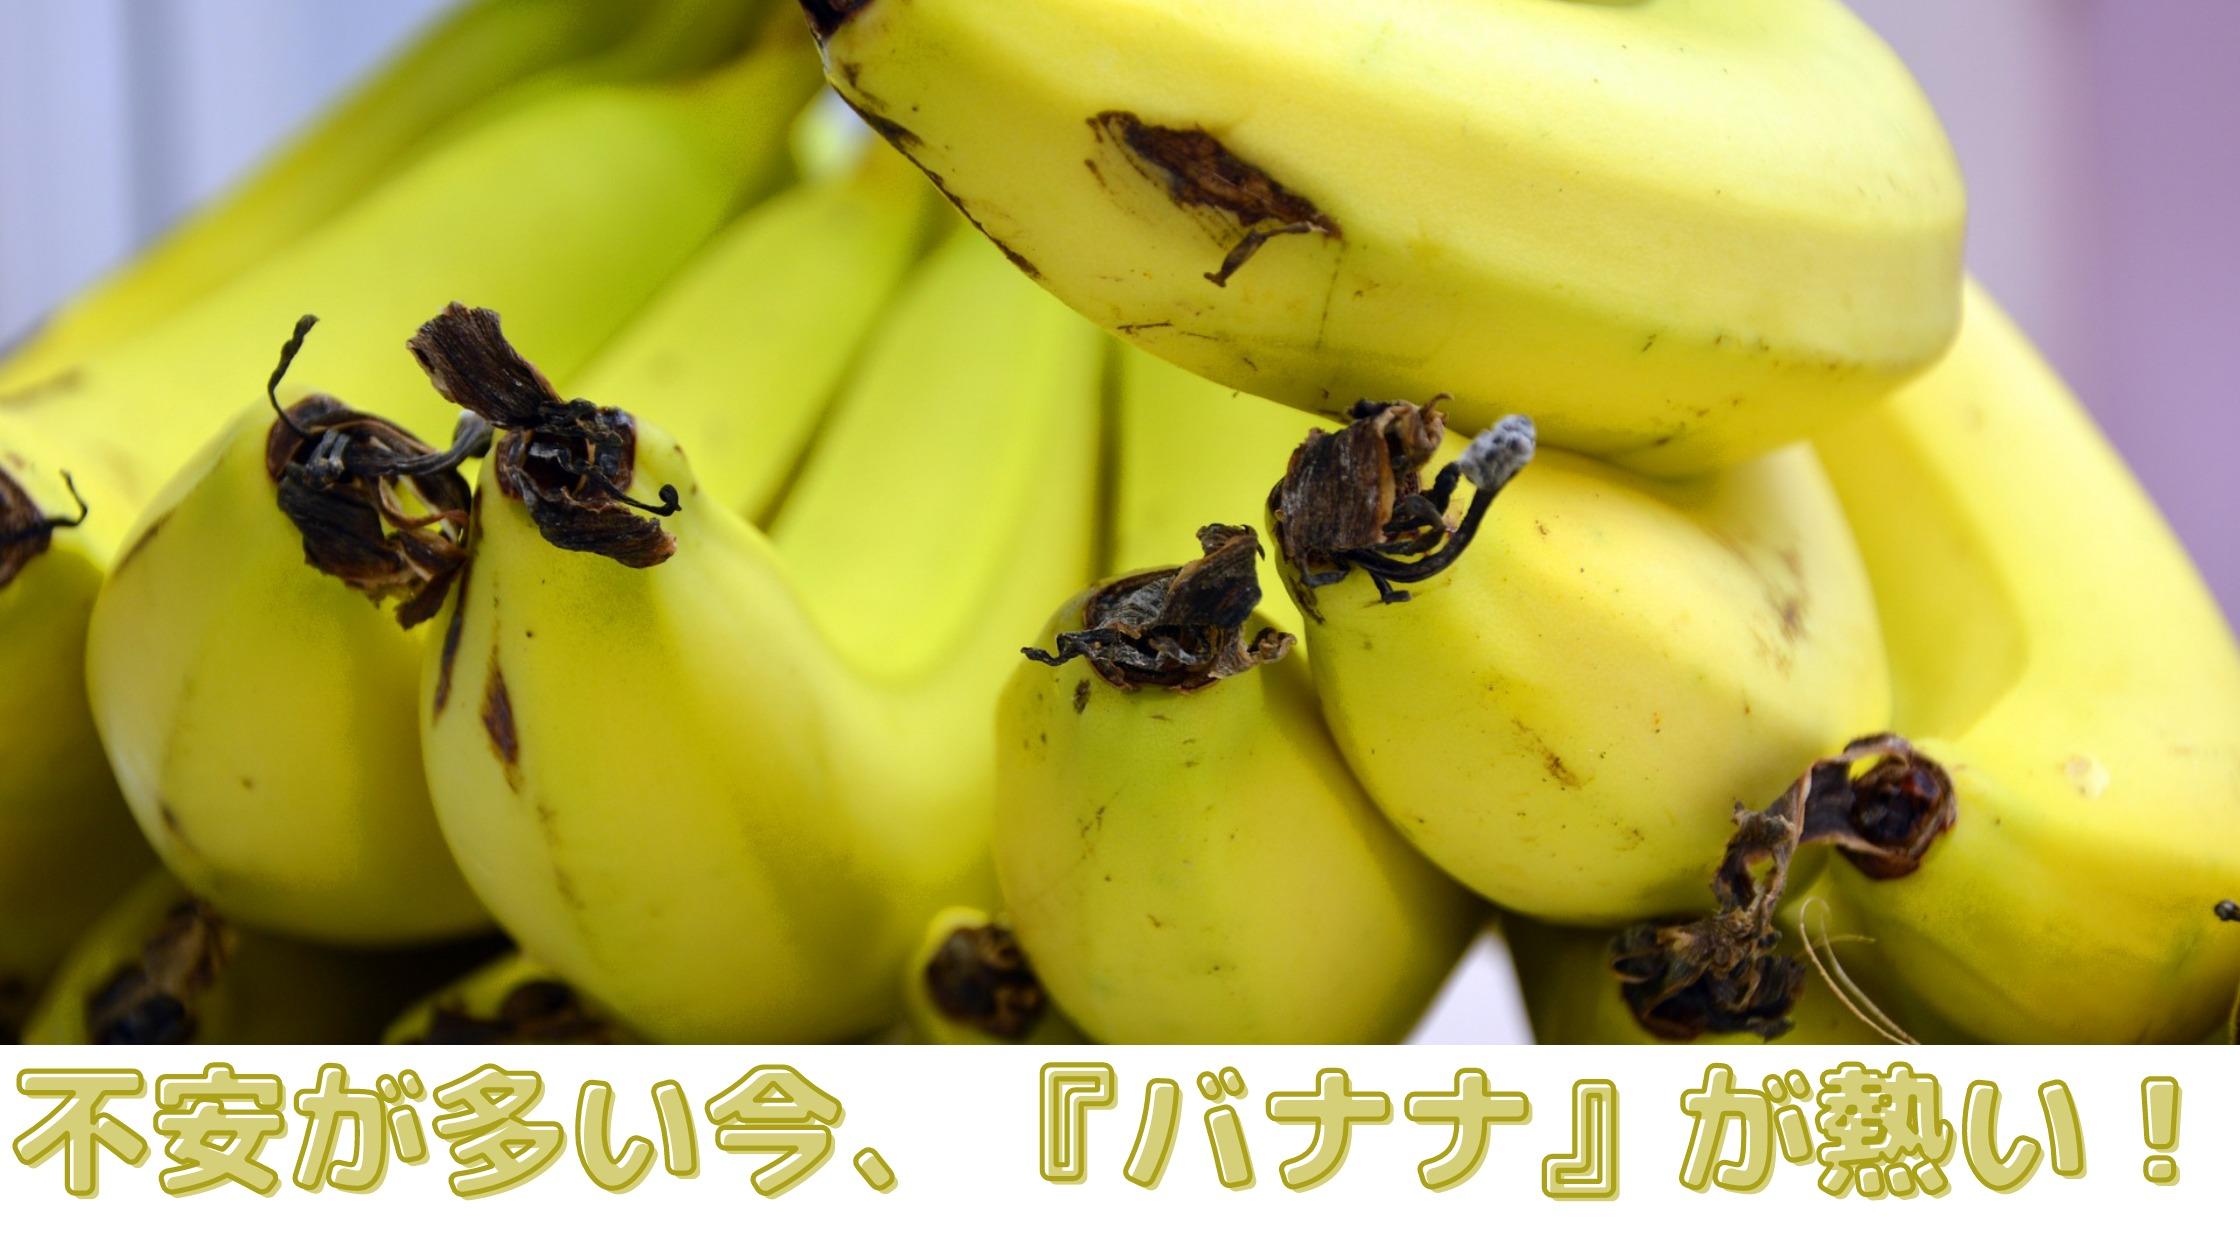 不安が多い今、『バナナ』が熱い!【うつ・自律神経失調症・ダイエット】